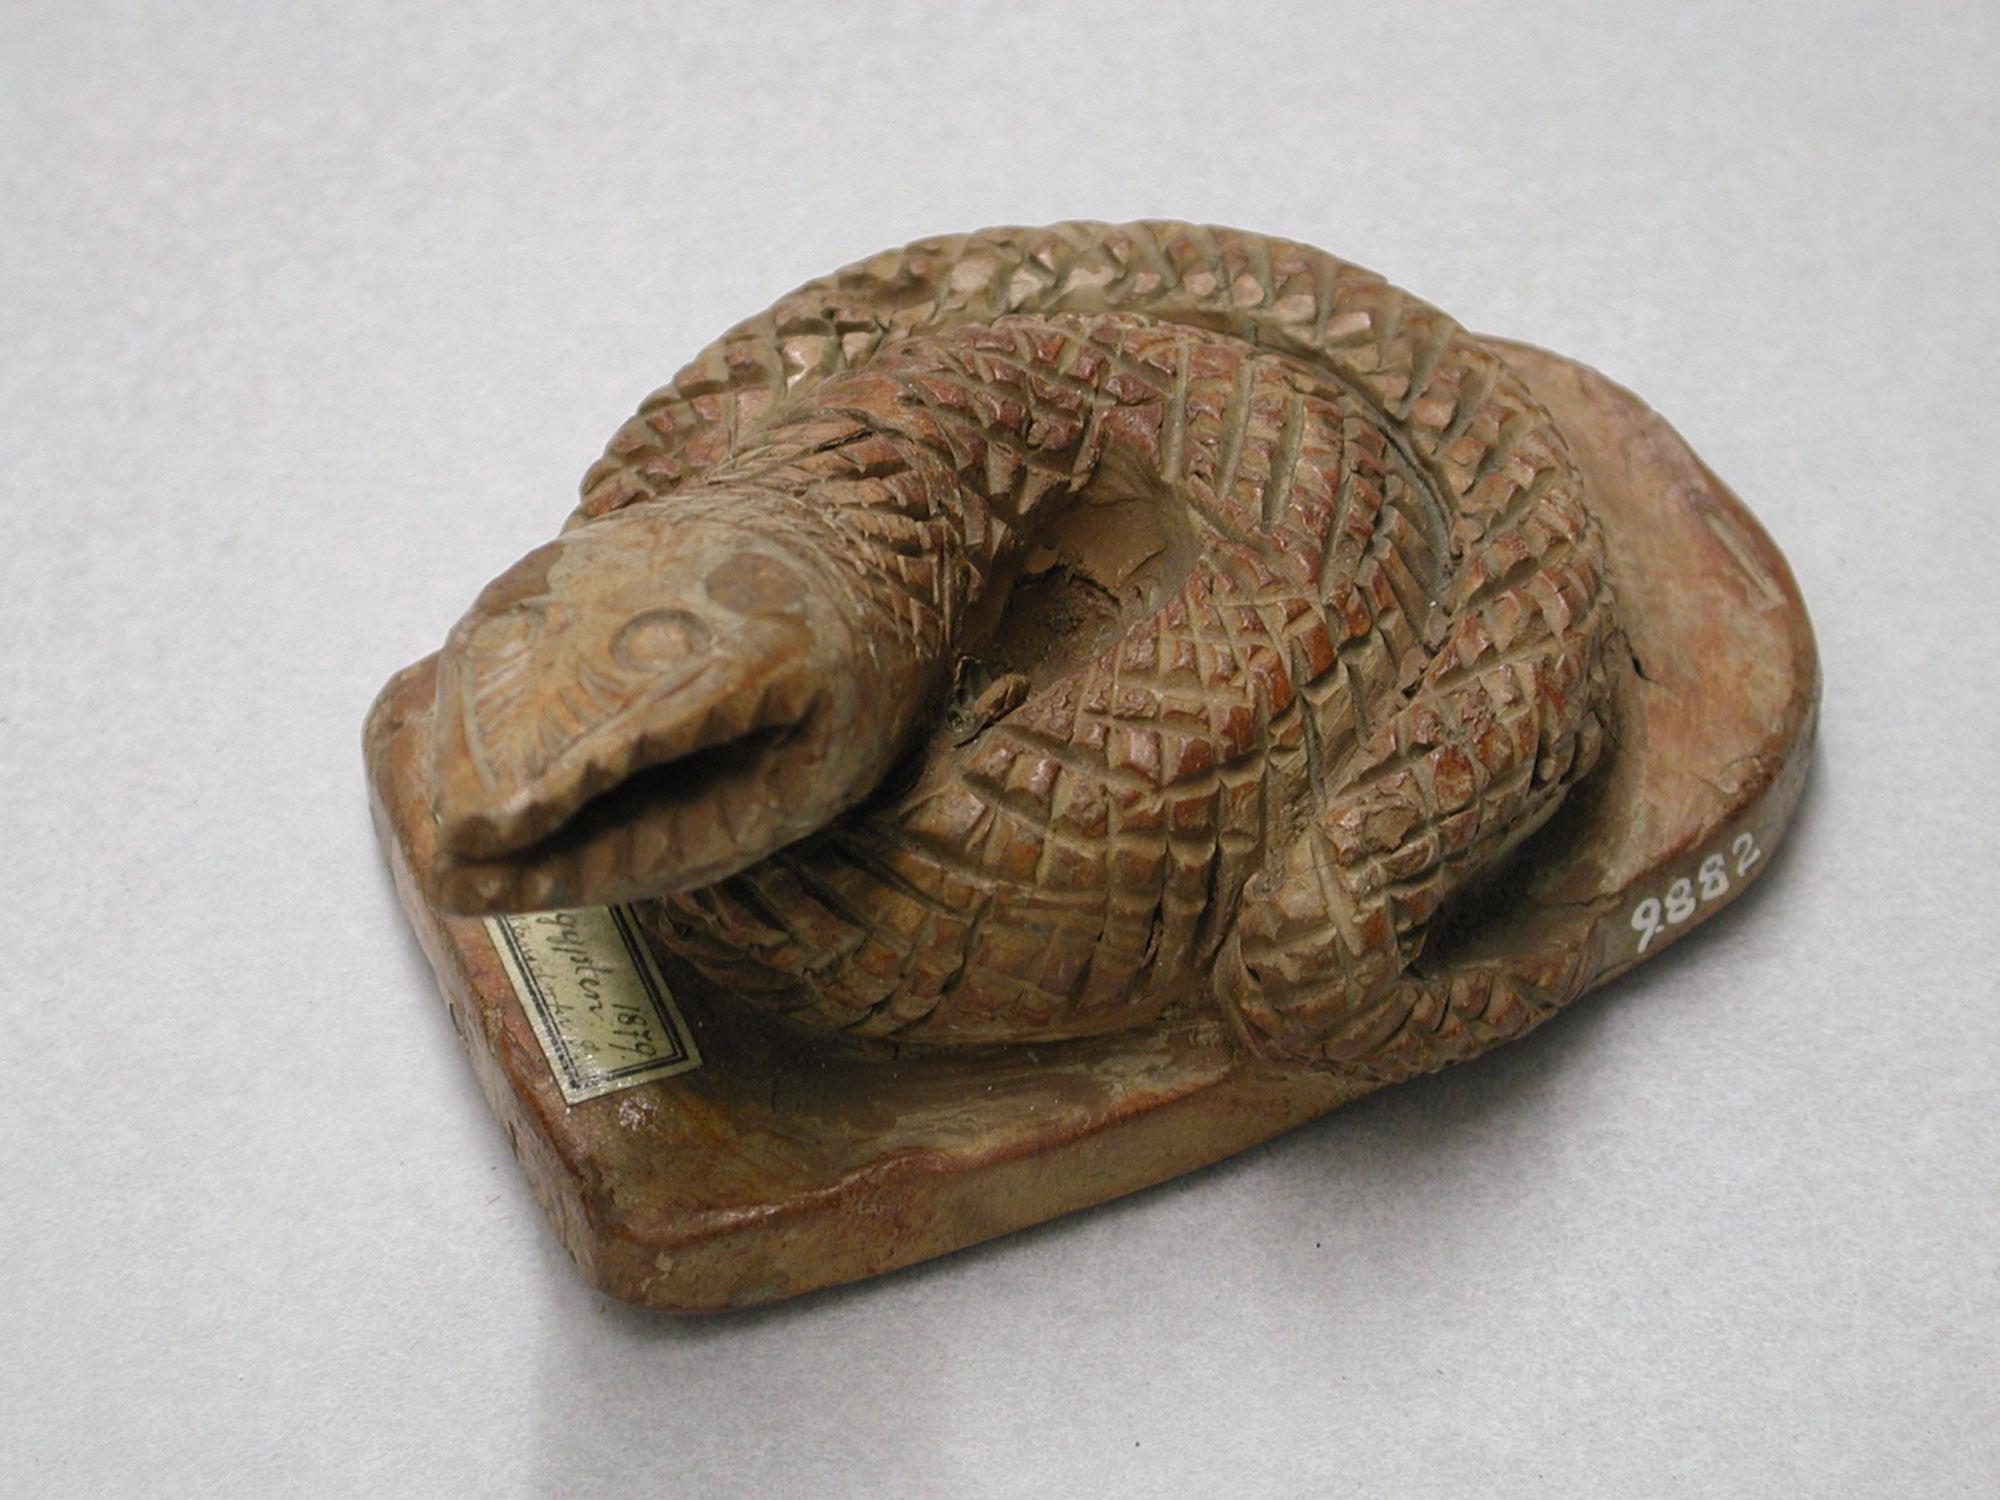 Fußraspel in Gestalt einer Schlange